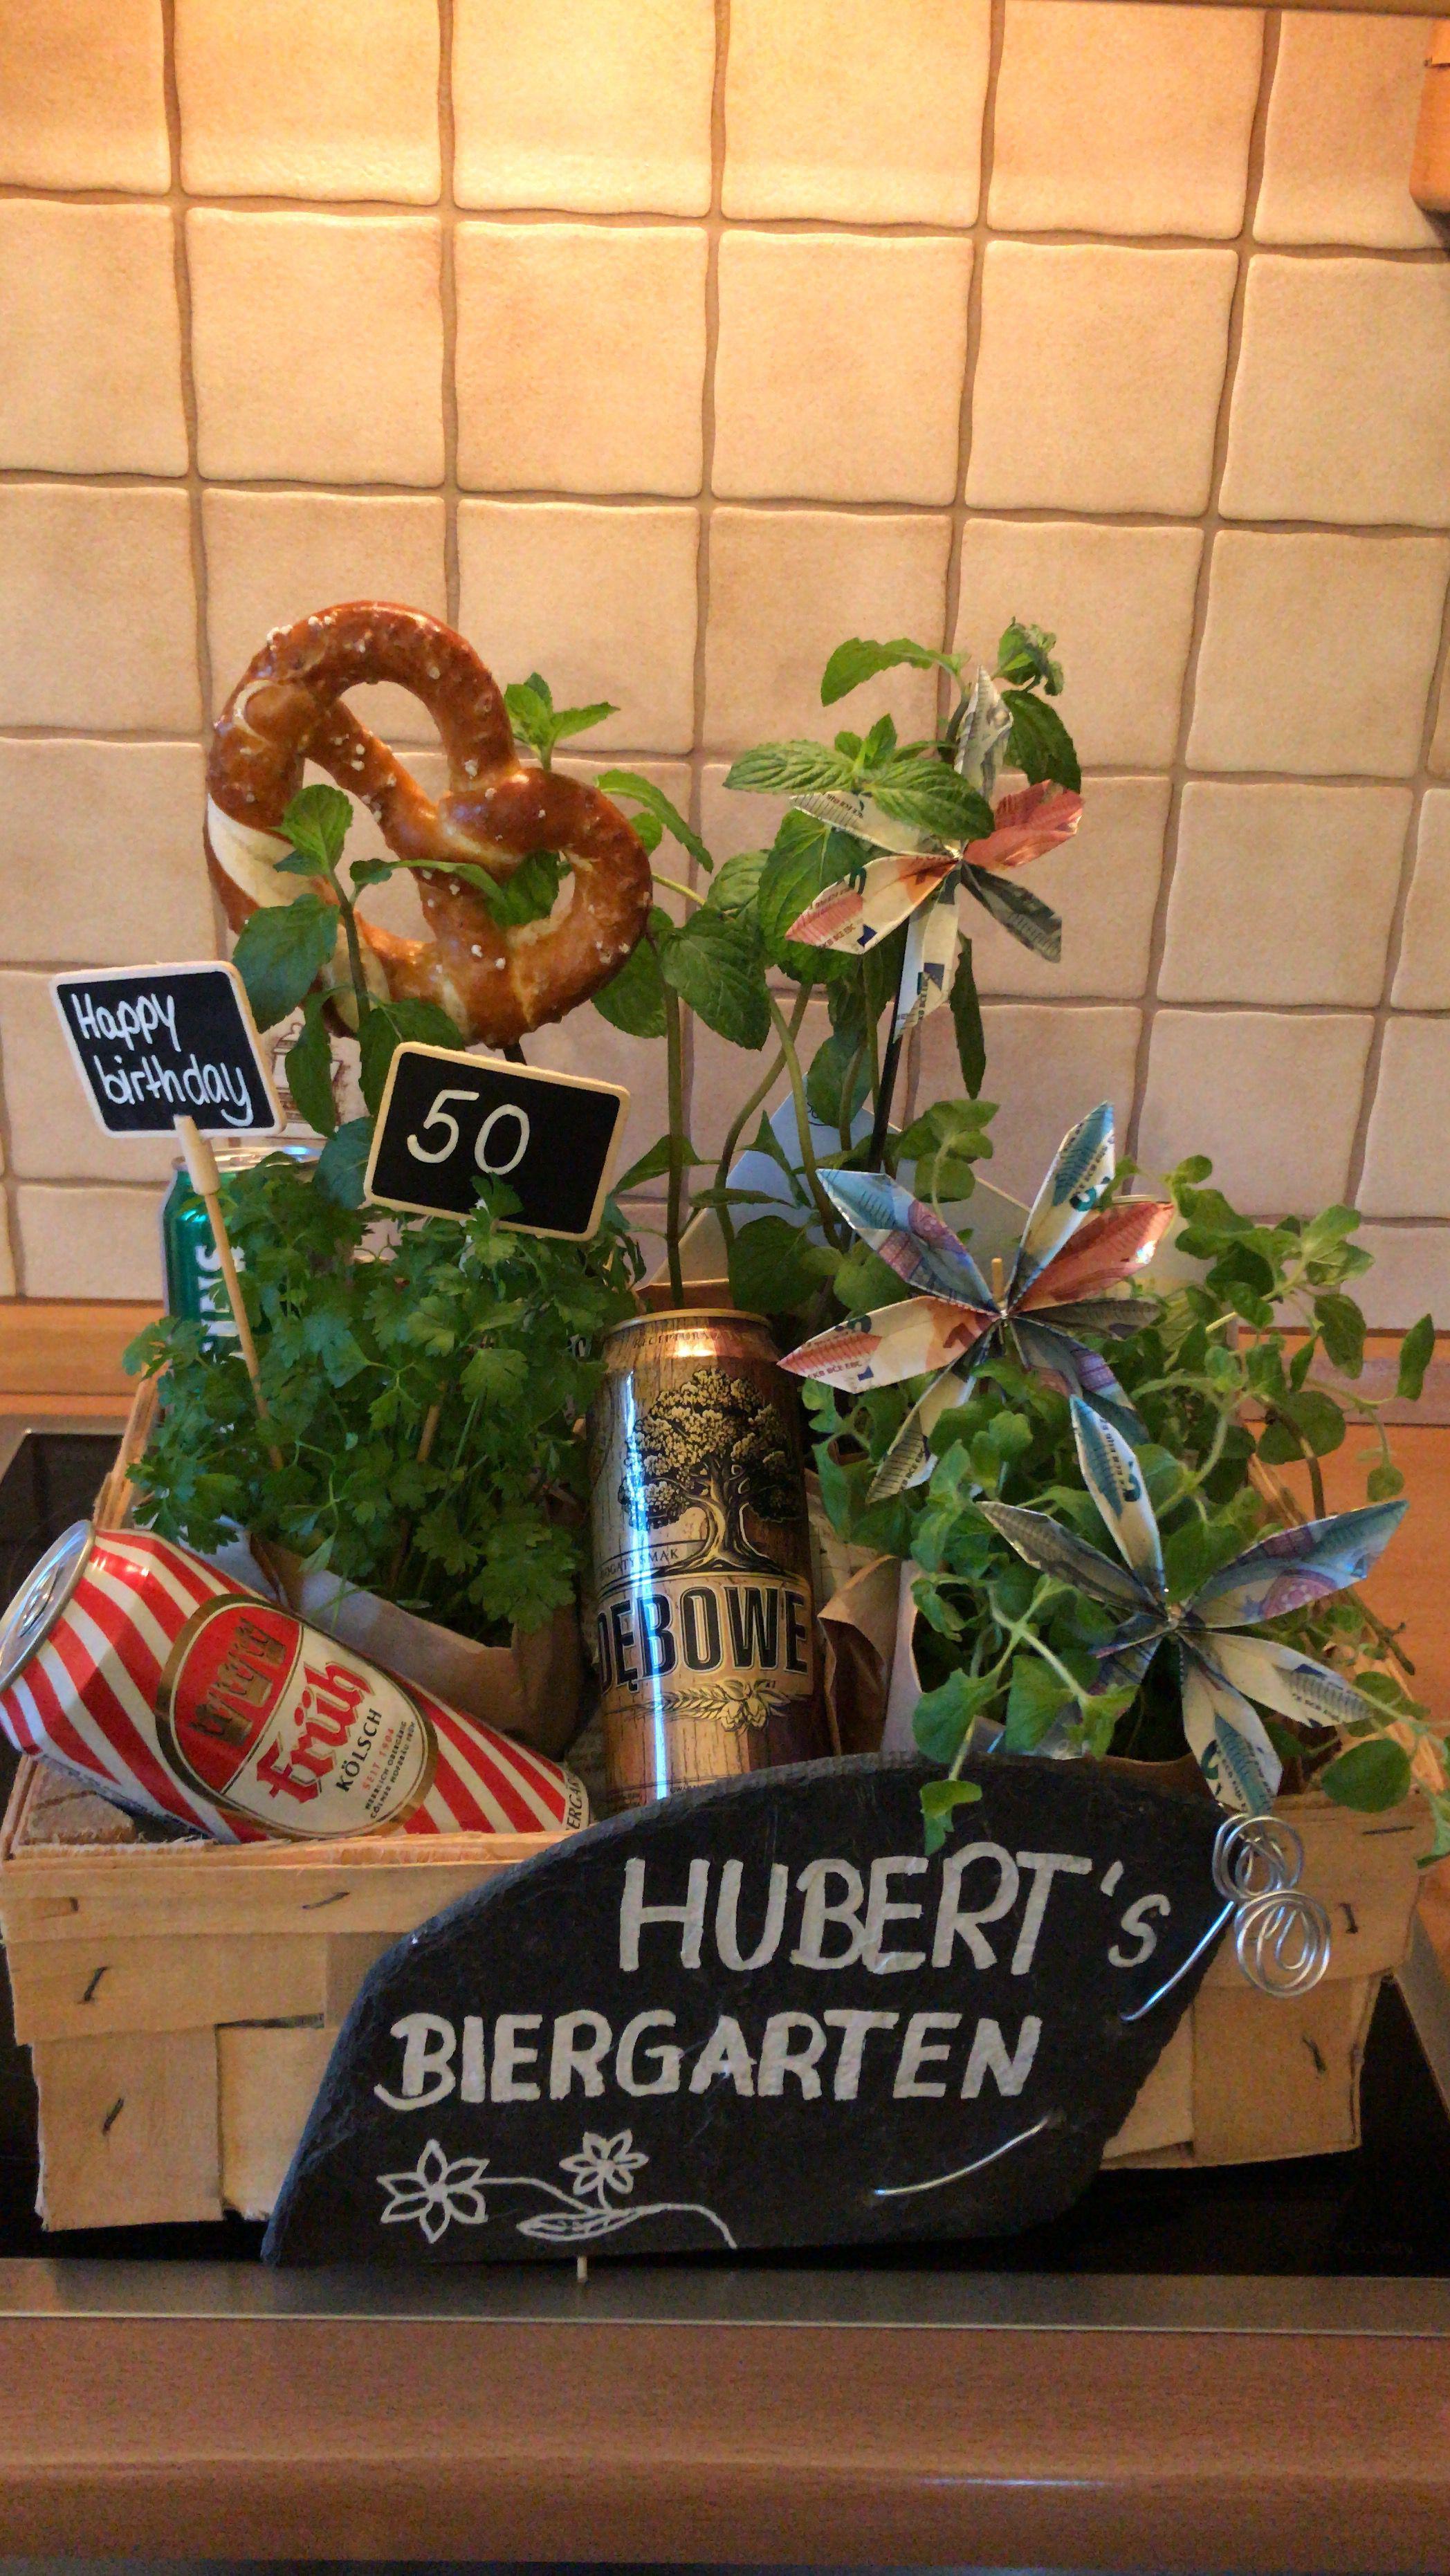 Happybirthday Geschenk Bier Garten Geburtstag Feiern Freunde In 2020 Diy Presents Pinterest Blog